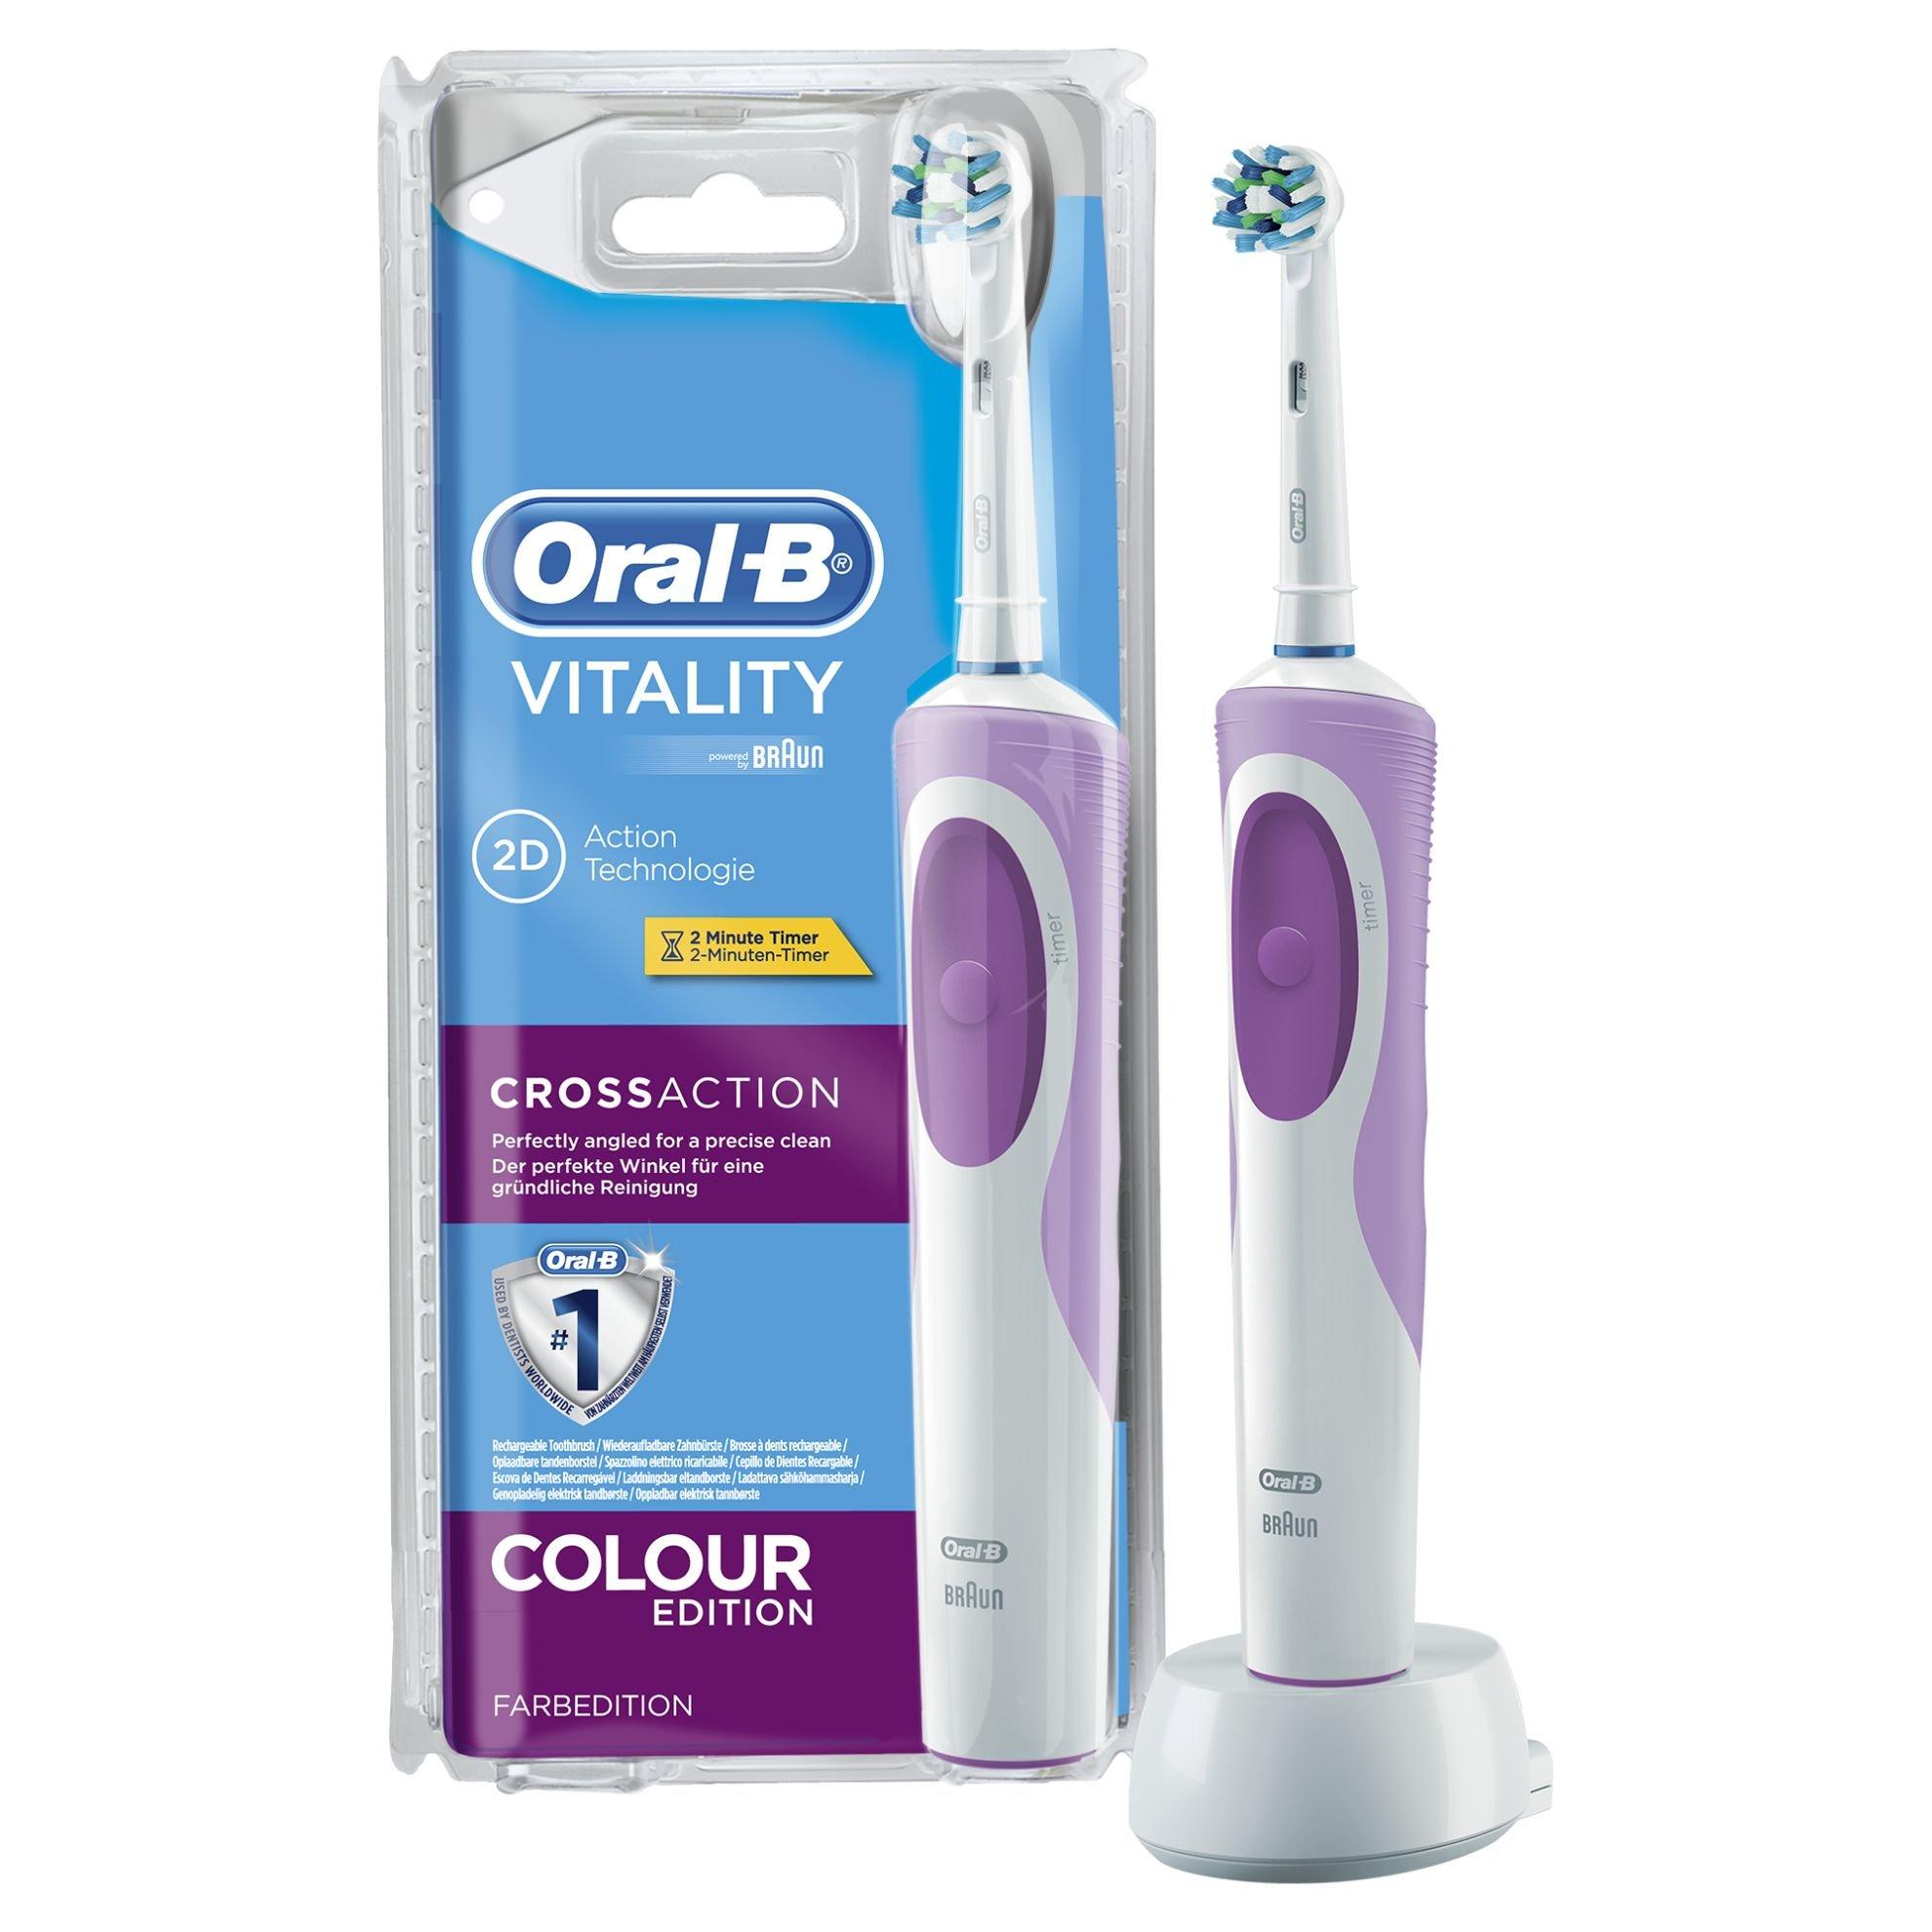 Oral-B Vitality CrossAction 2D - Cepillo de dientes eléctrico, recargable product image